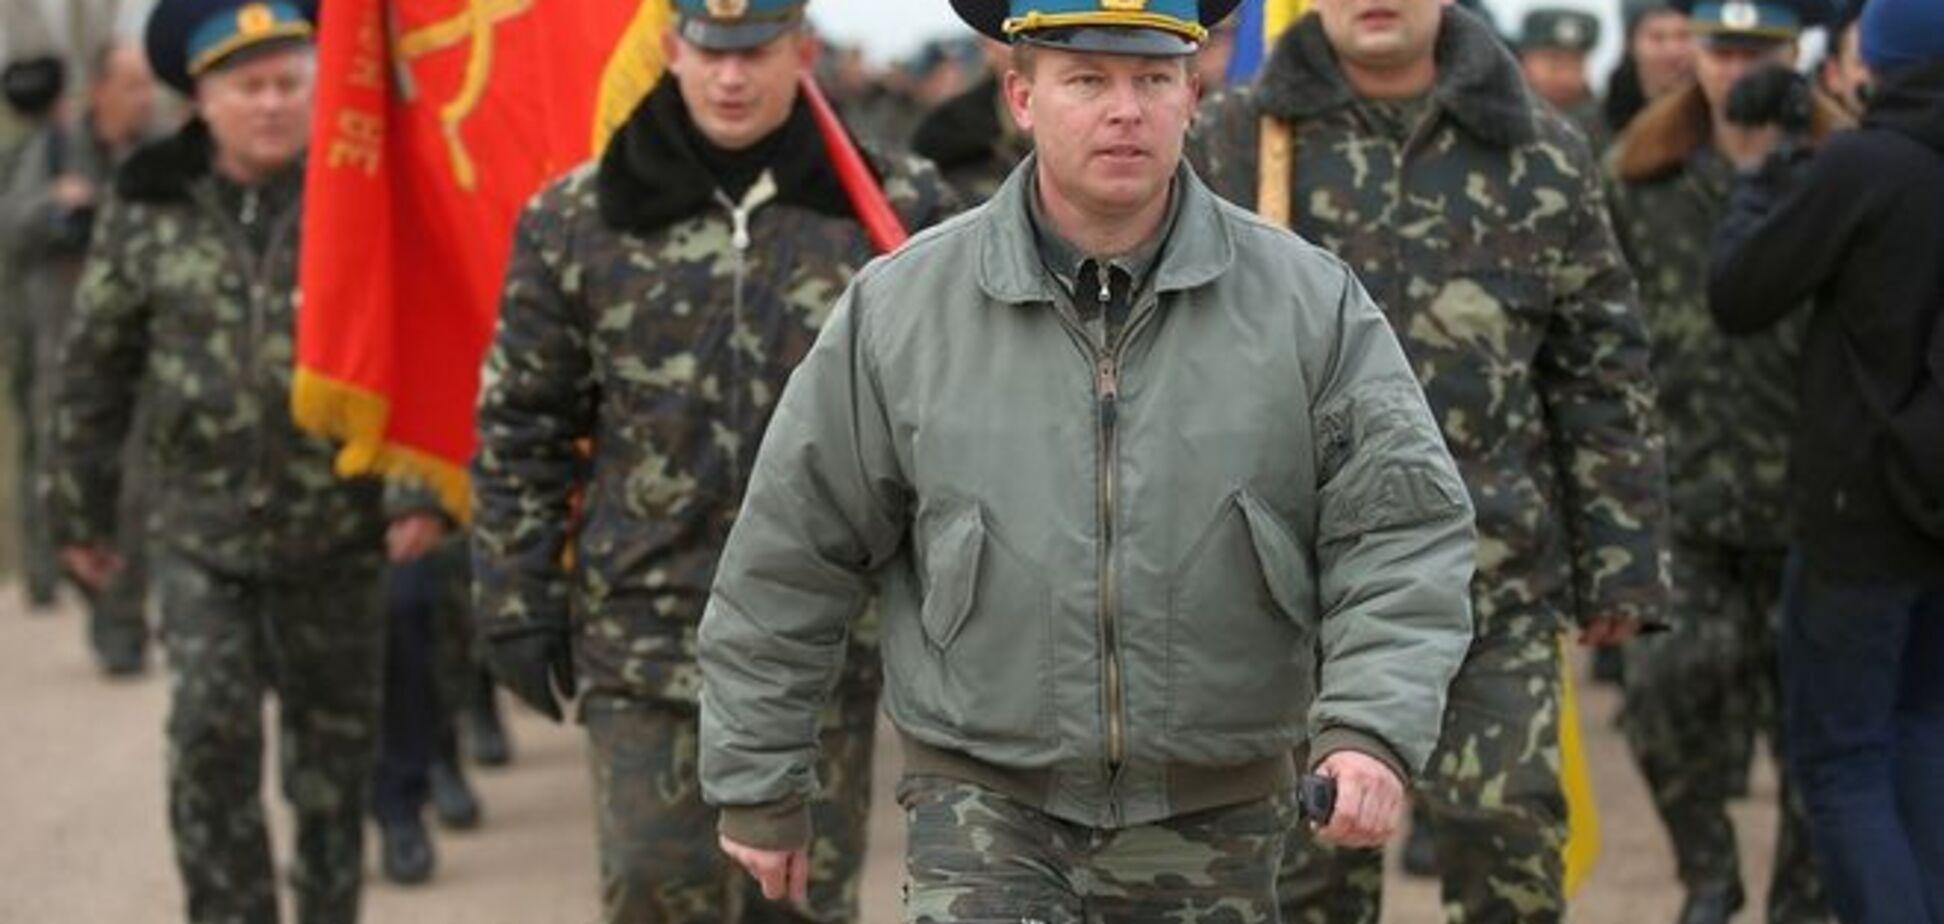 Полковник Мамчур: если бы нам дали приказ стрелять, все бы погибли